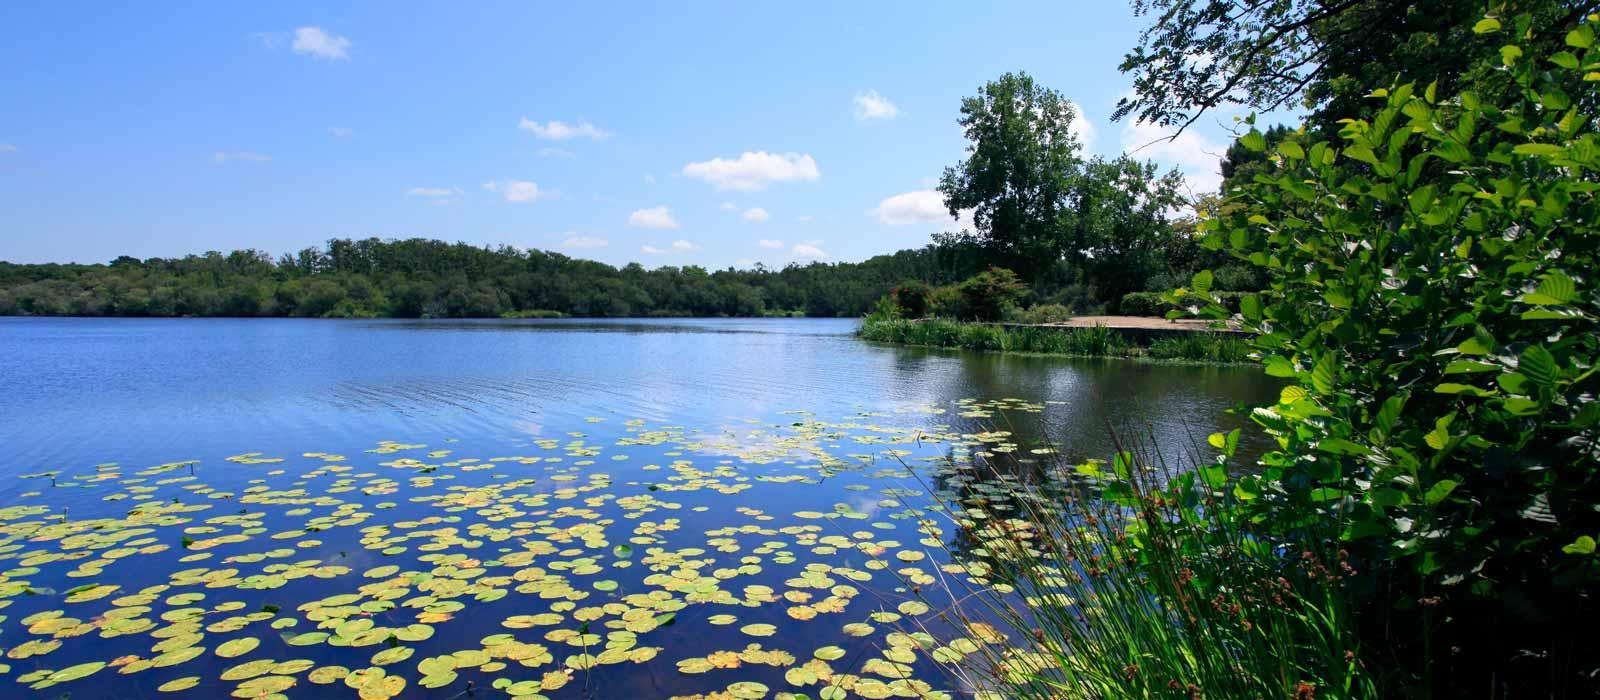 Vacances camping bord de lac